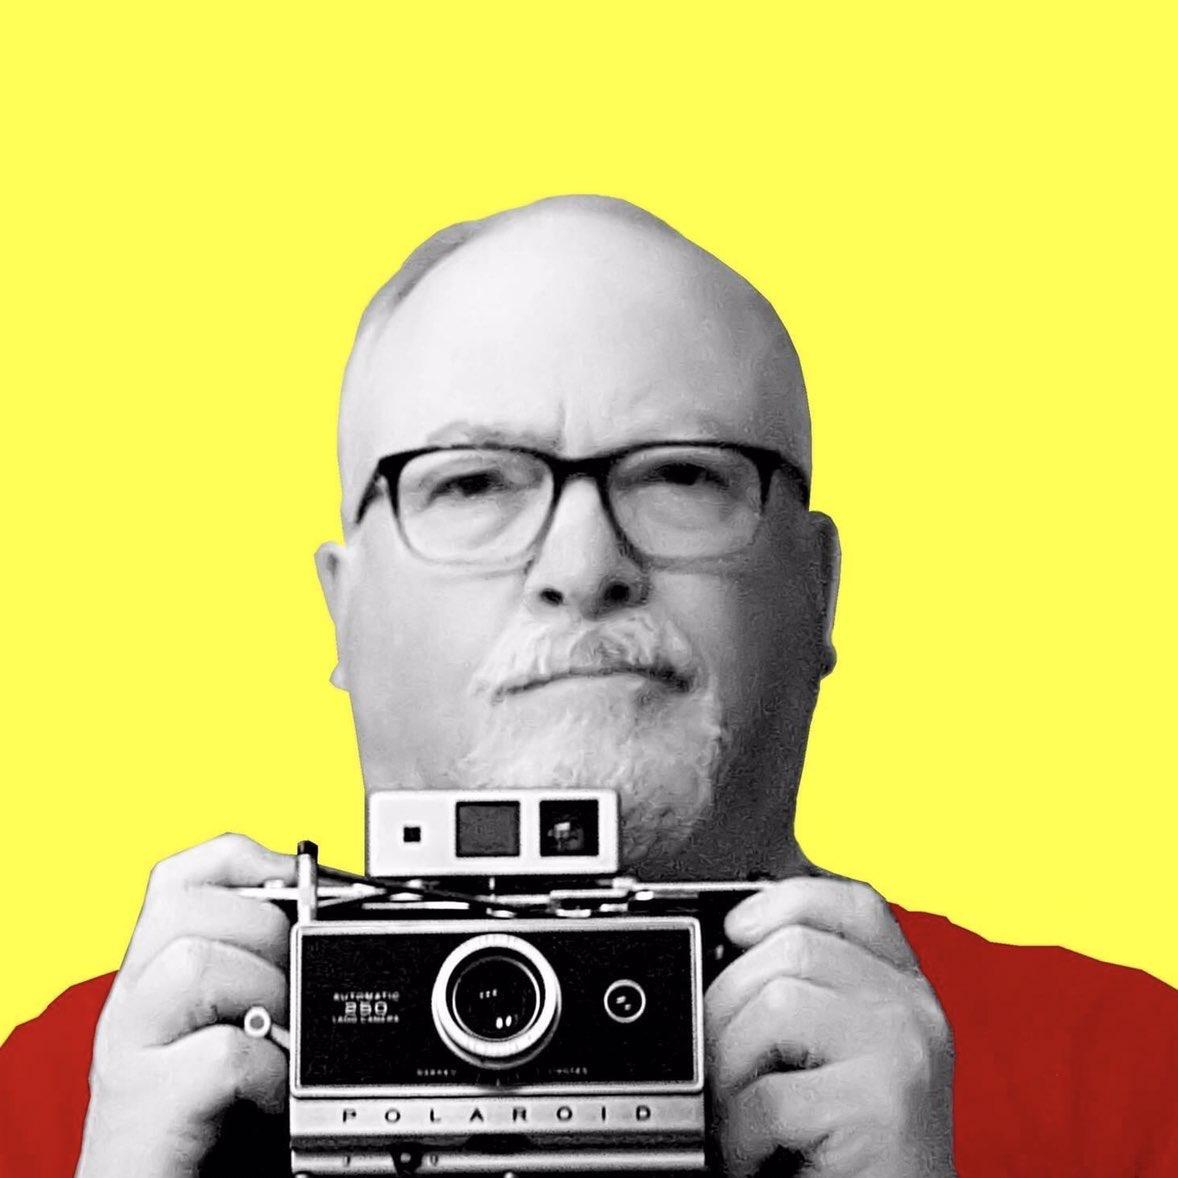 Photographer R Keith Farrar